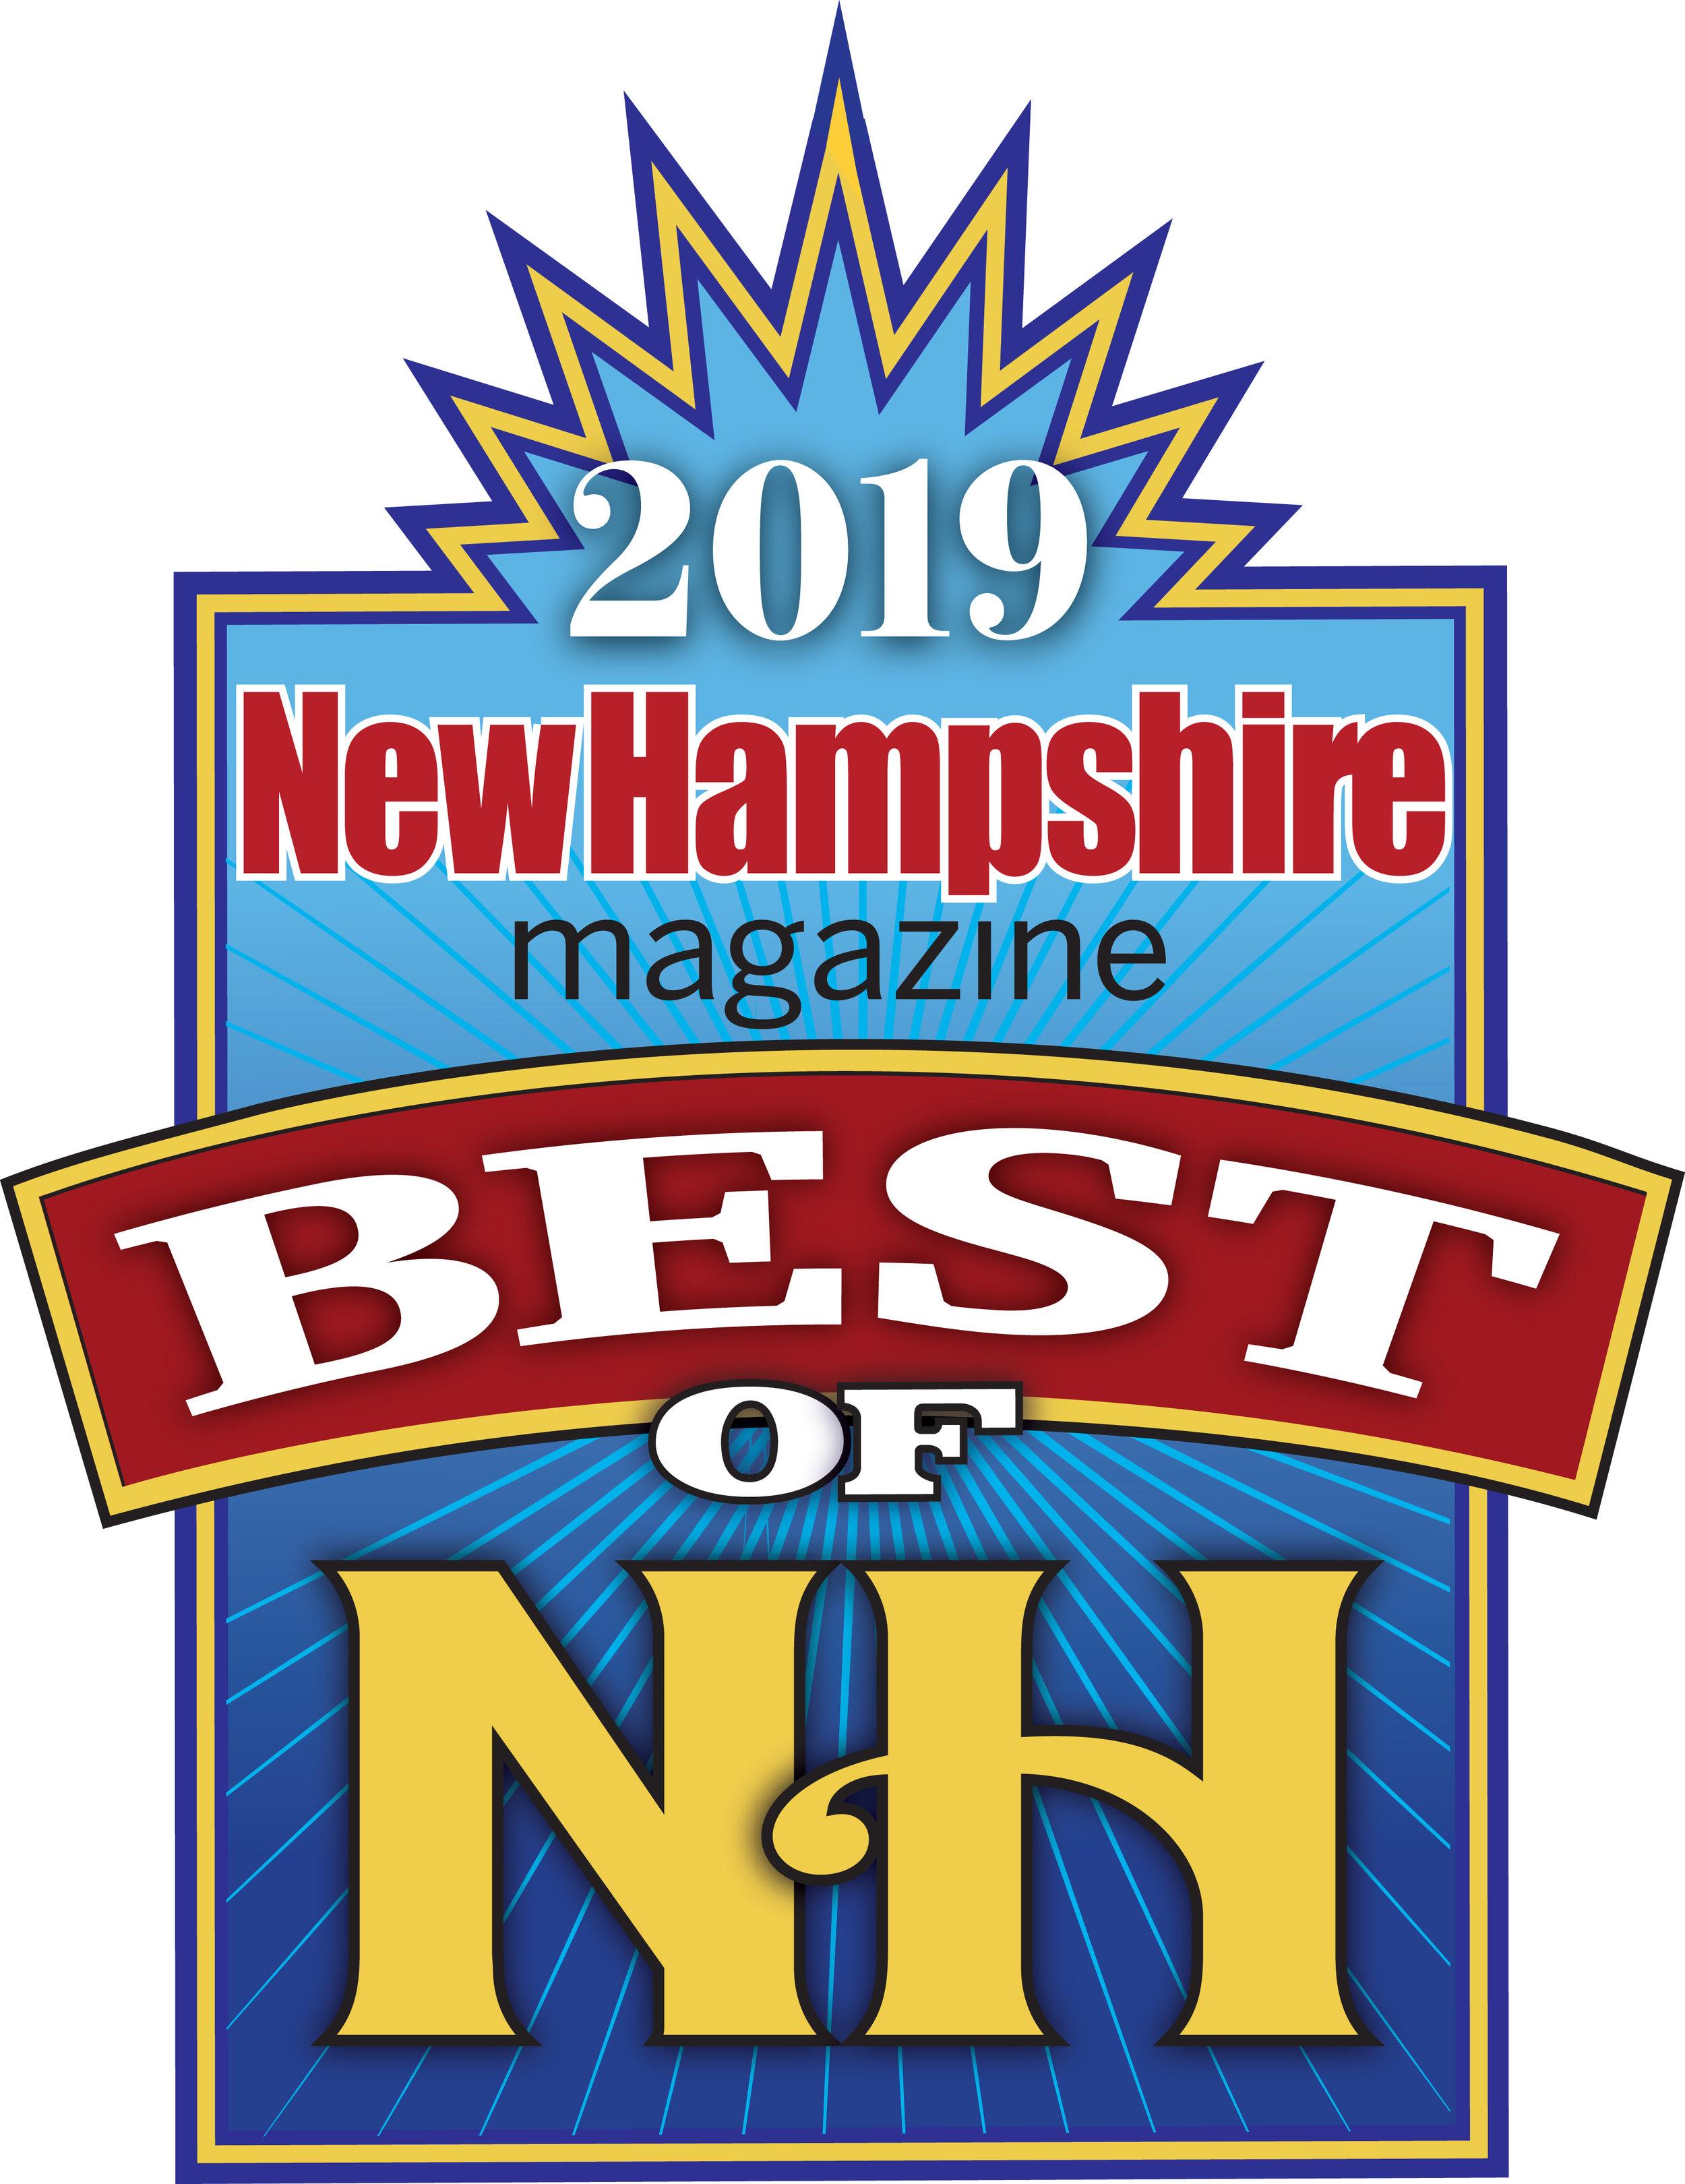 BestofNH_Logo_2019.jpg